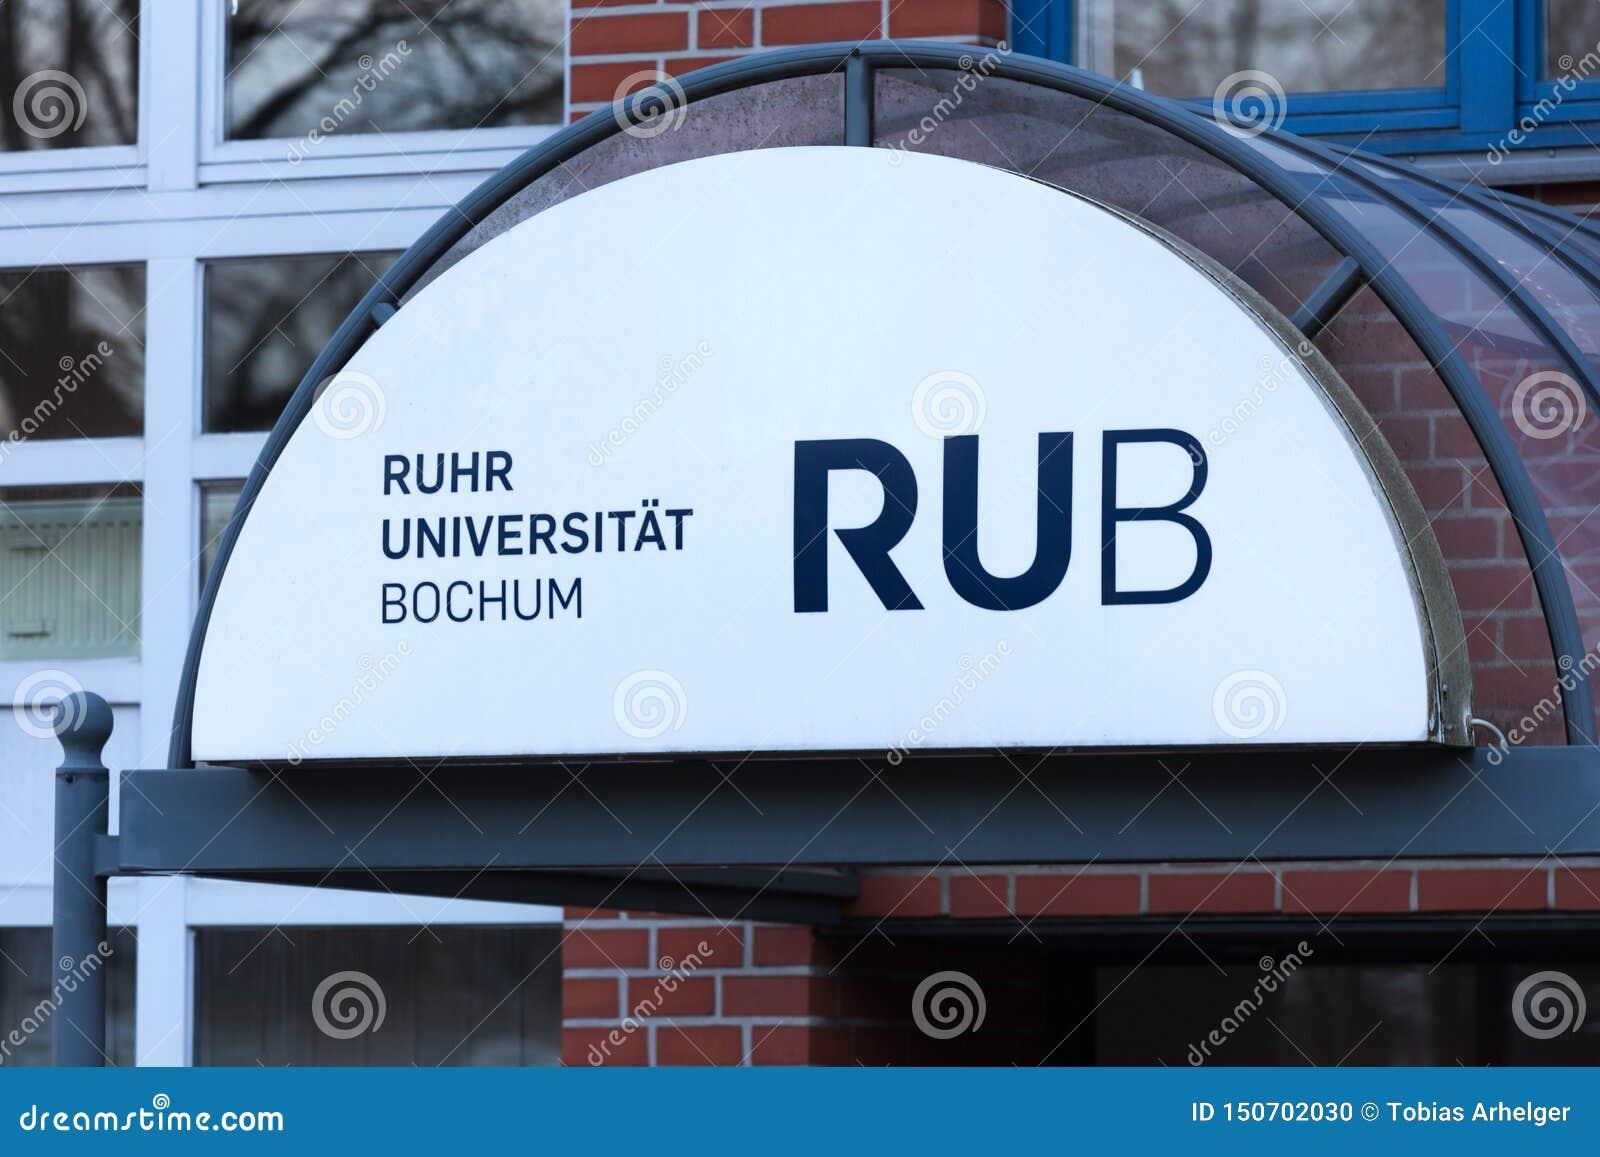 Ruhr university bochum sign in bochum  germany